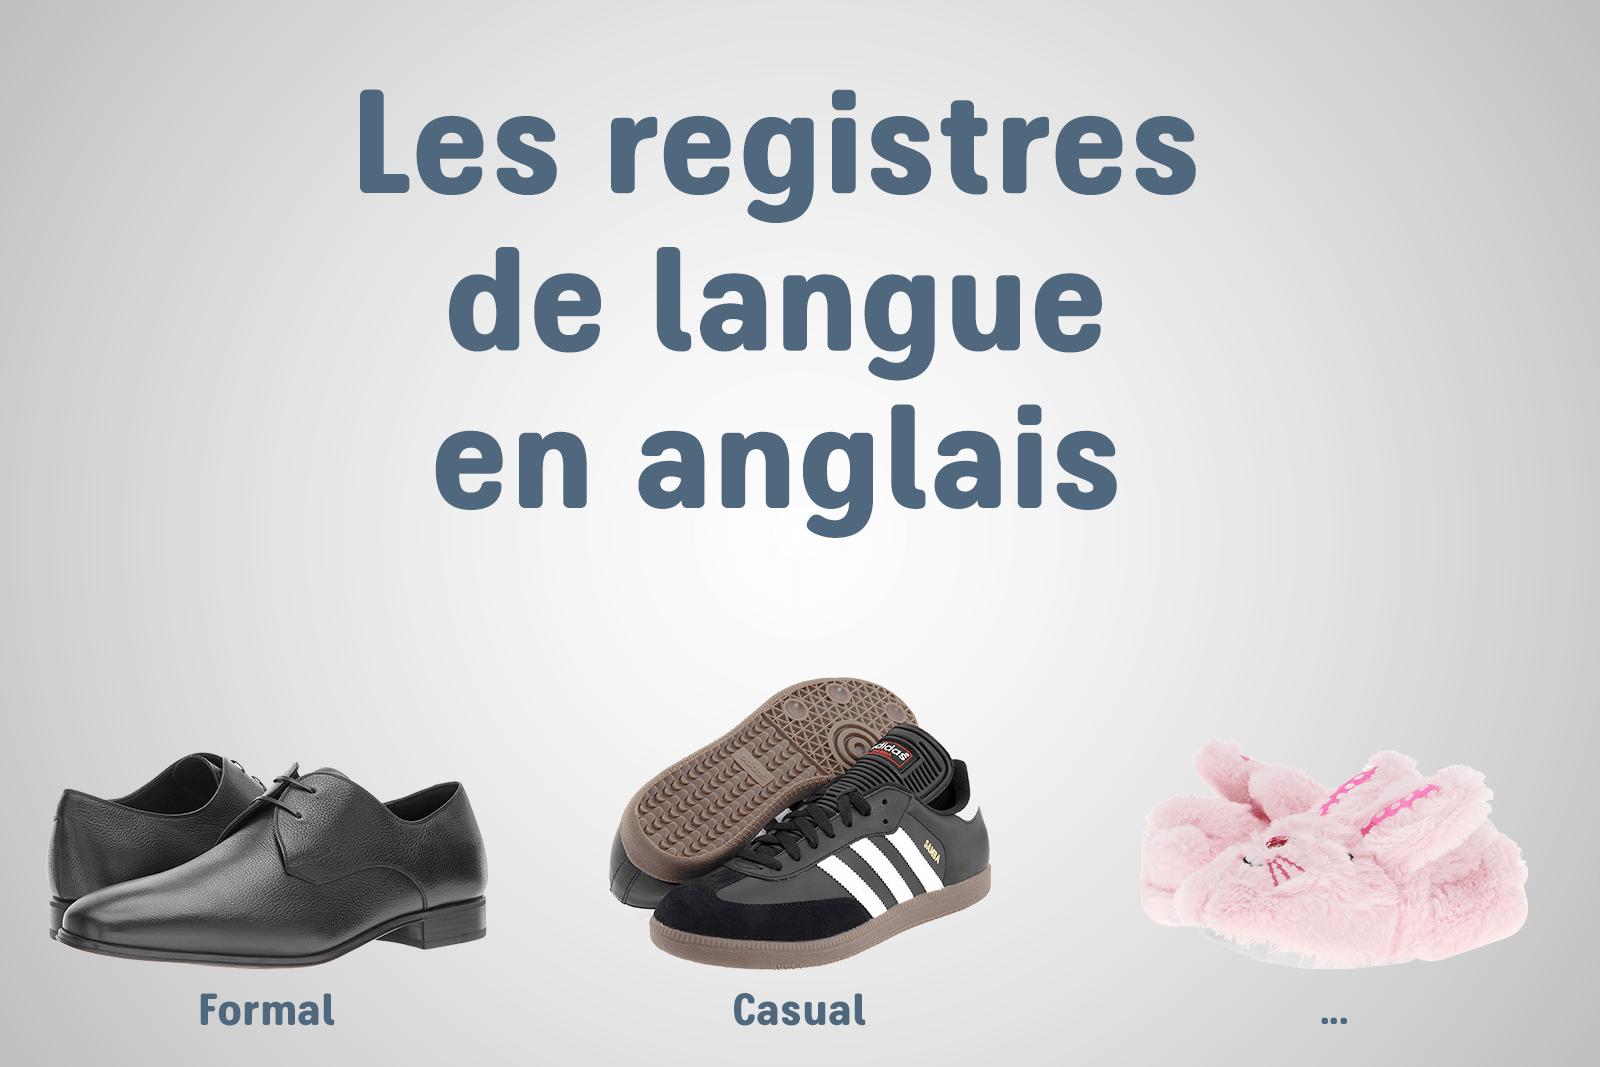 Les registres de langue en anglais